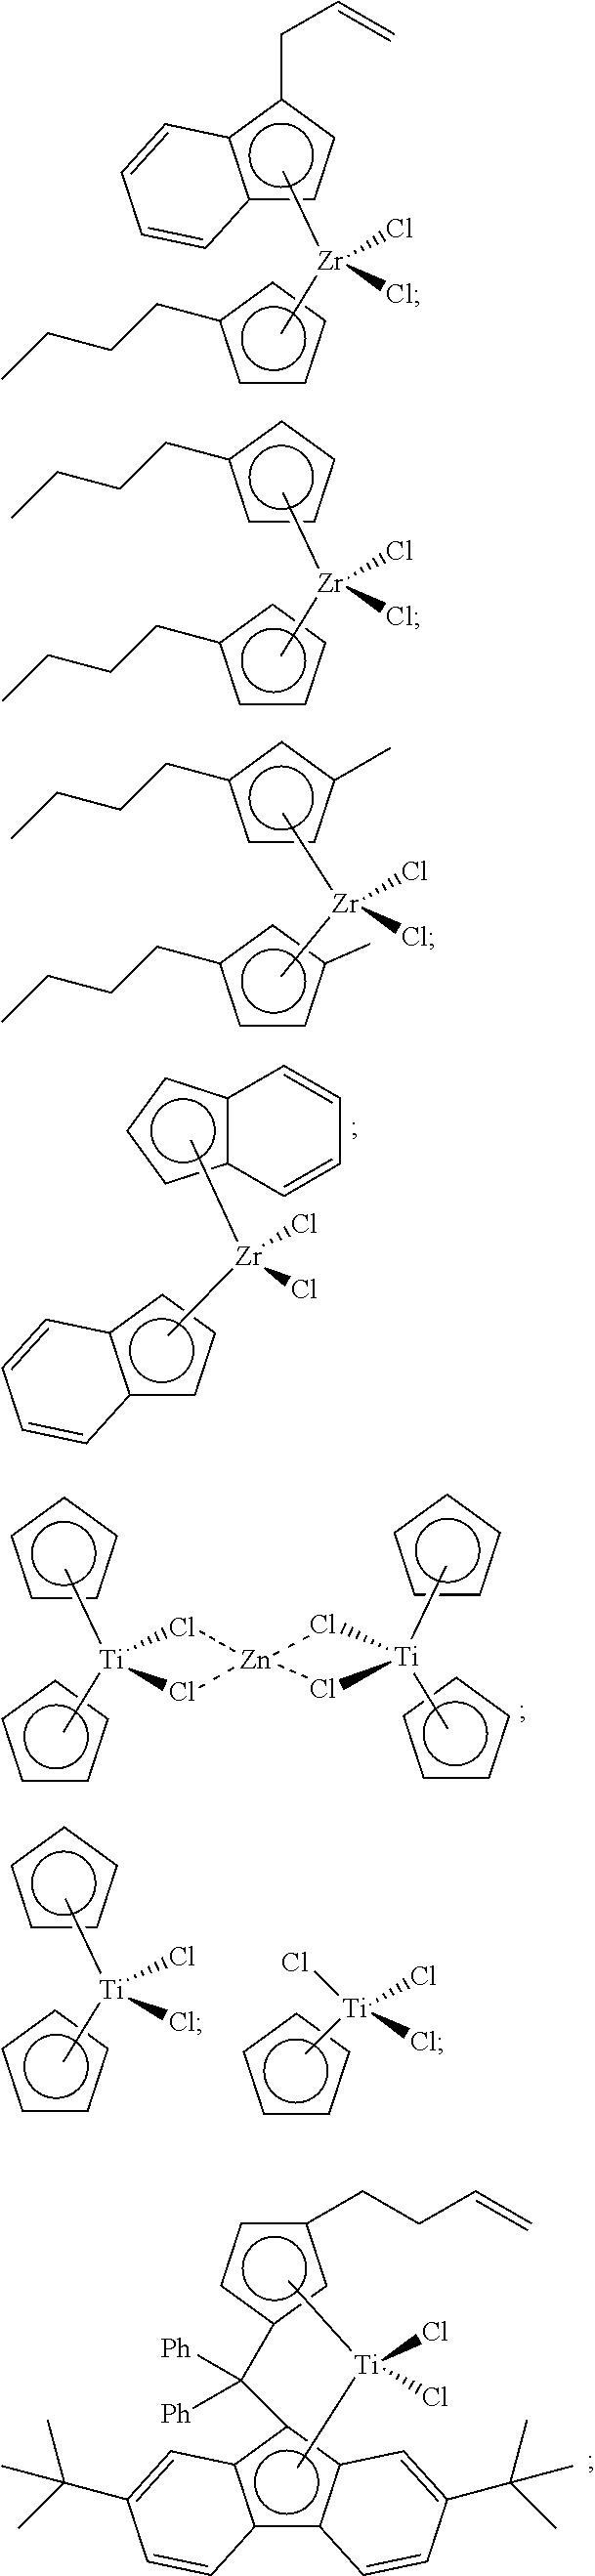 Figure US08501654-20130806-C00059